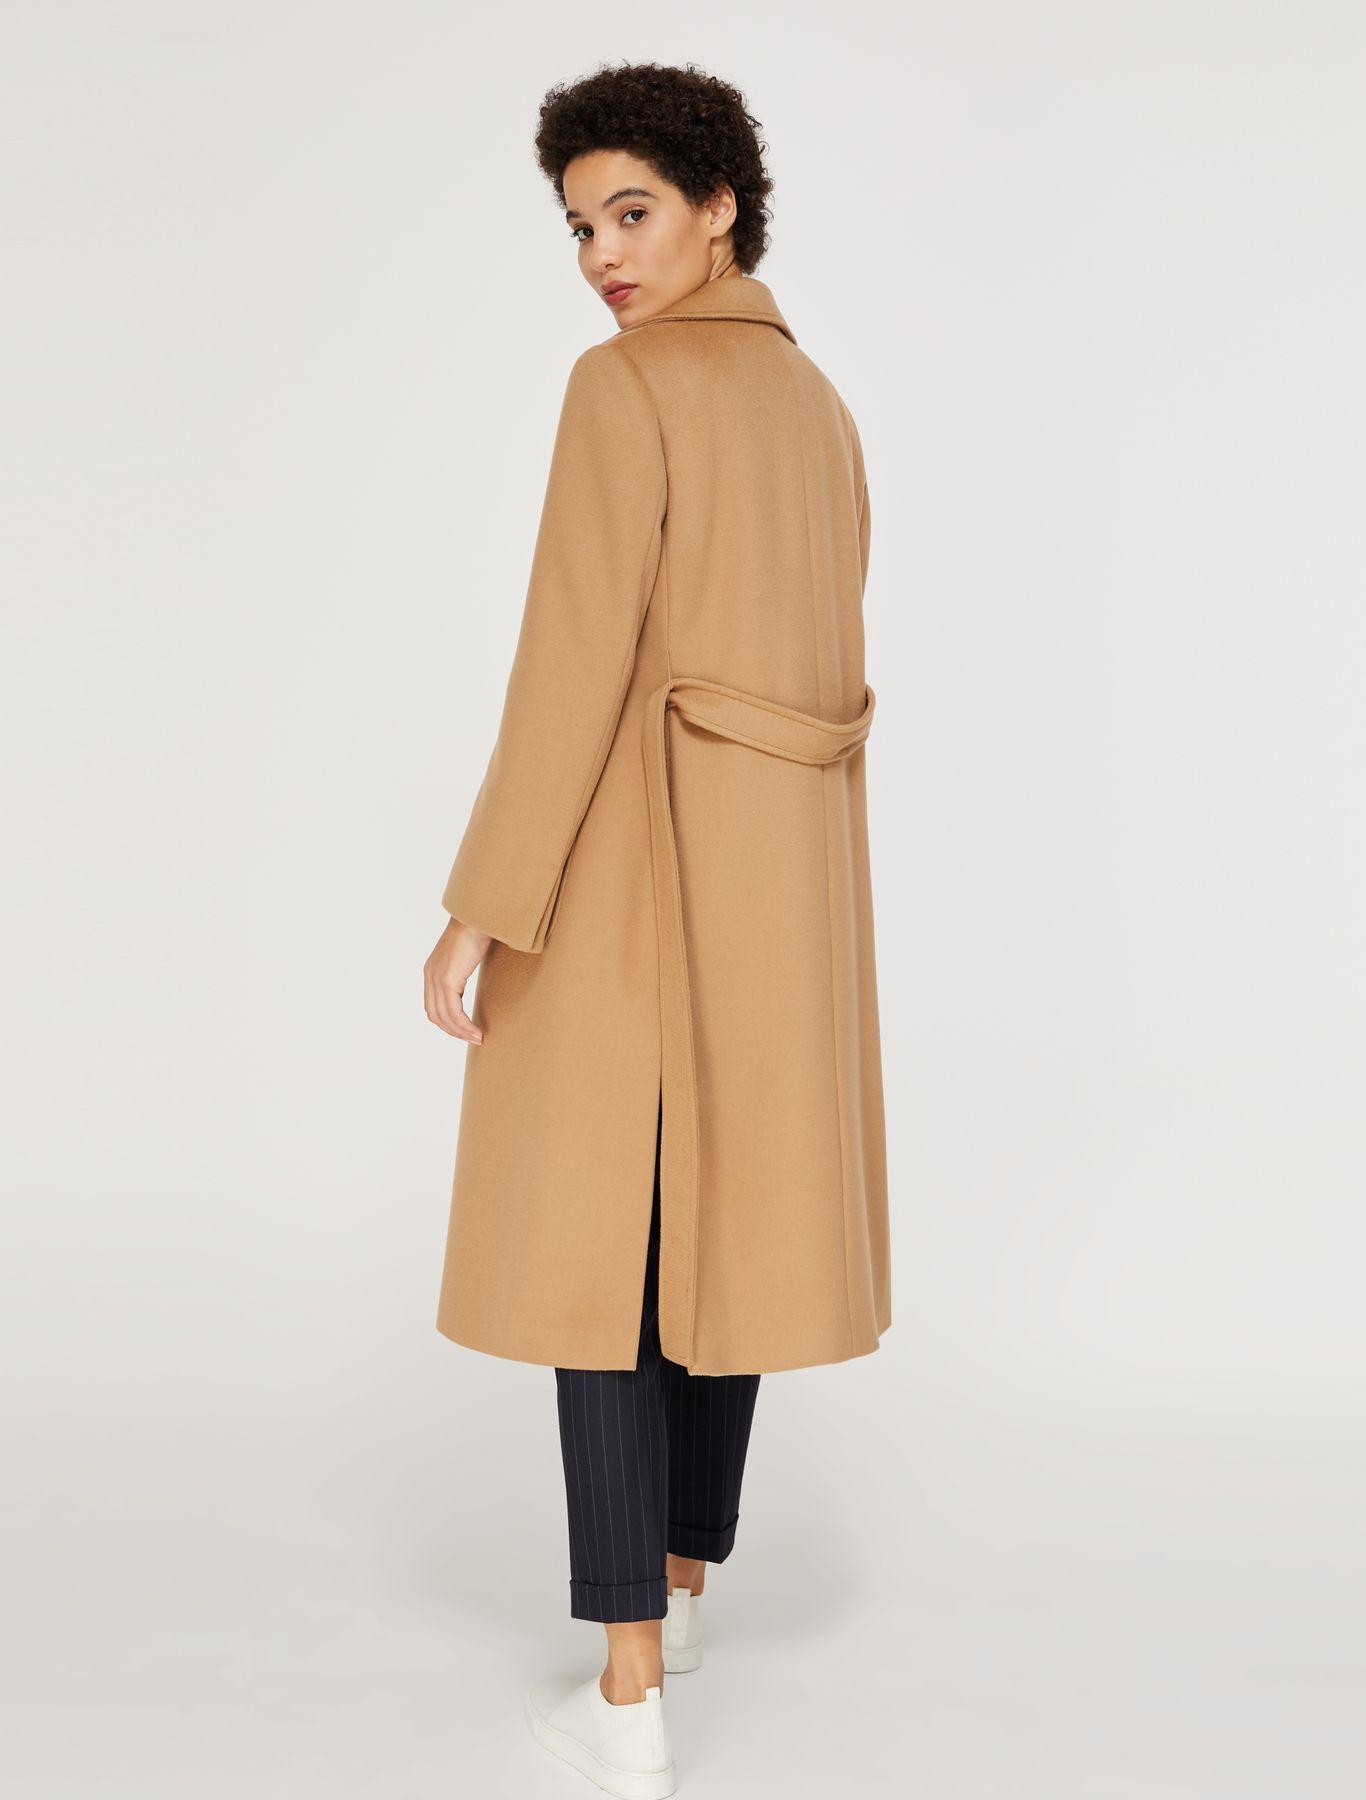 RUNAWAY Coat brown 3